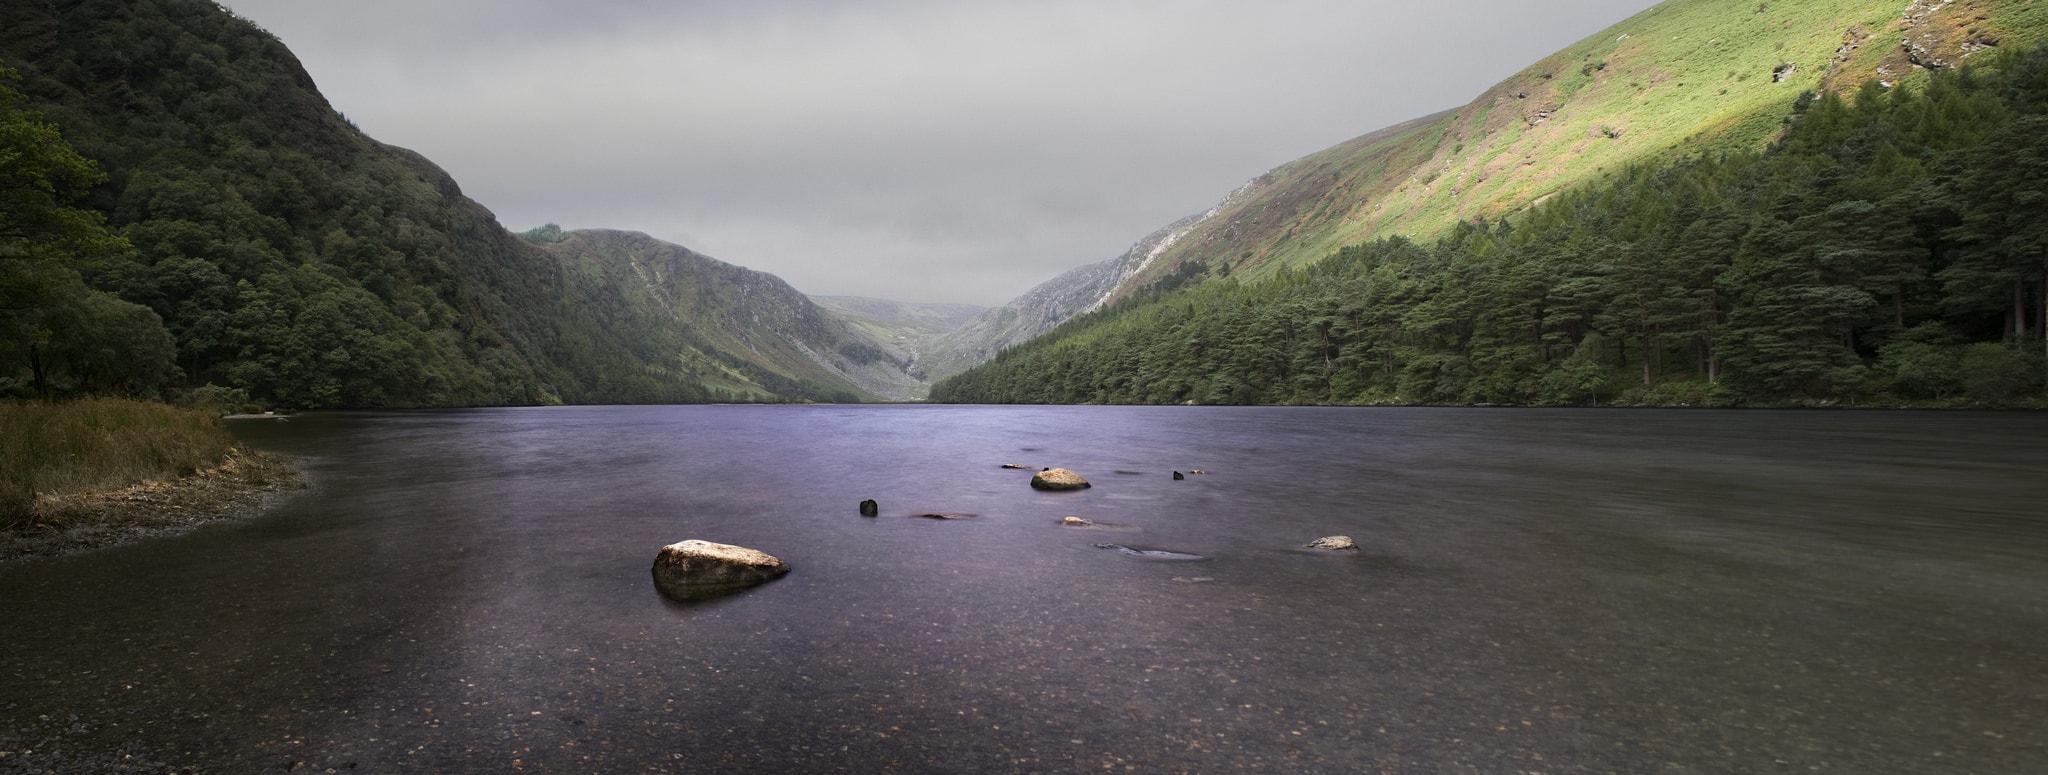 fotografía paisaje con río